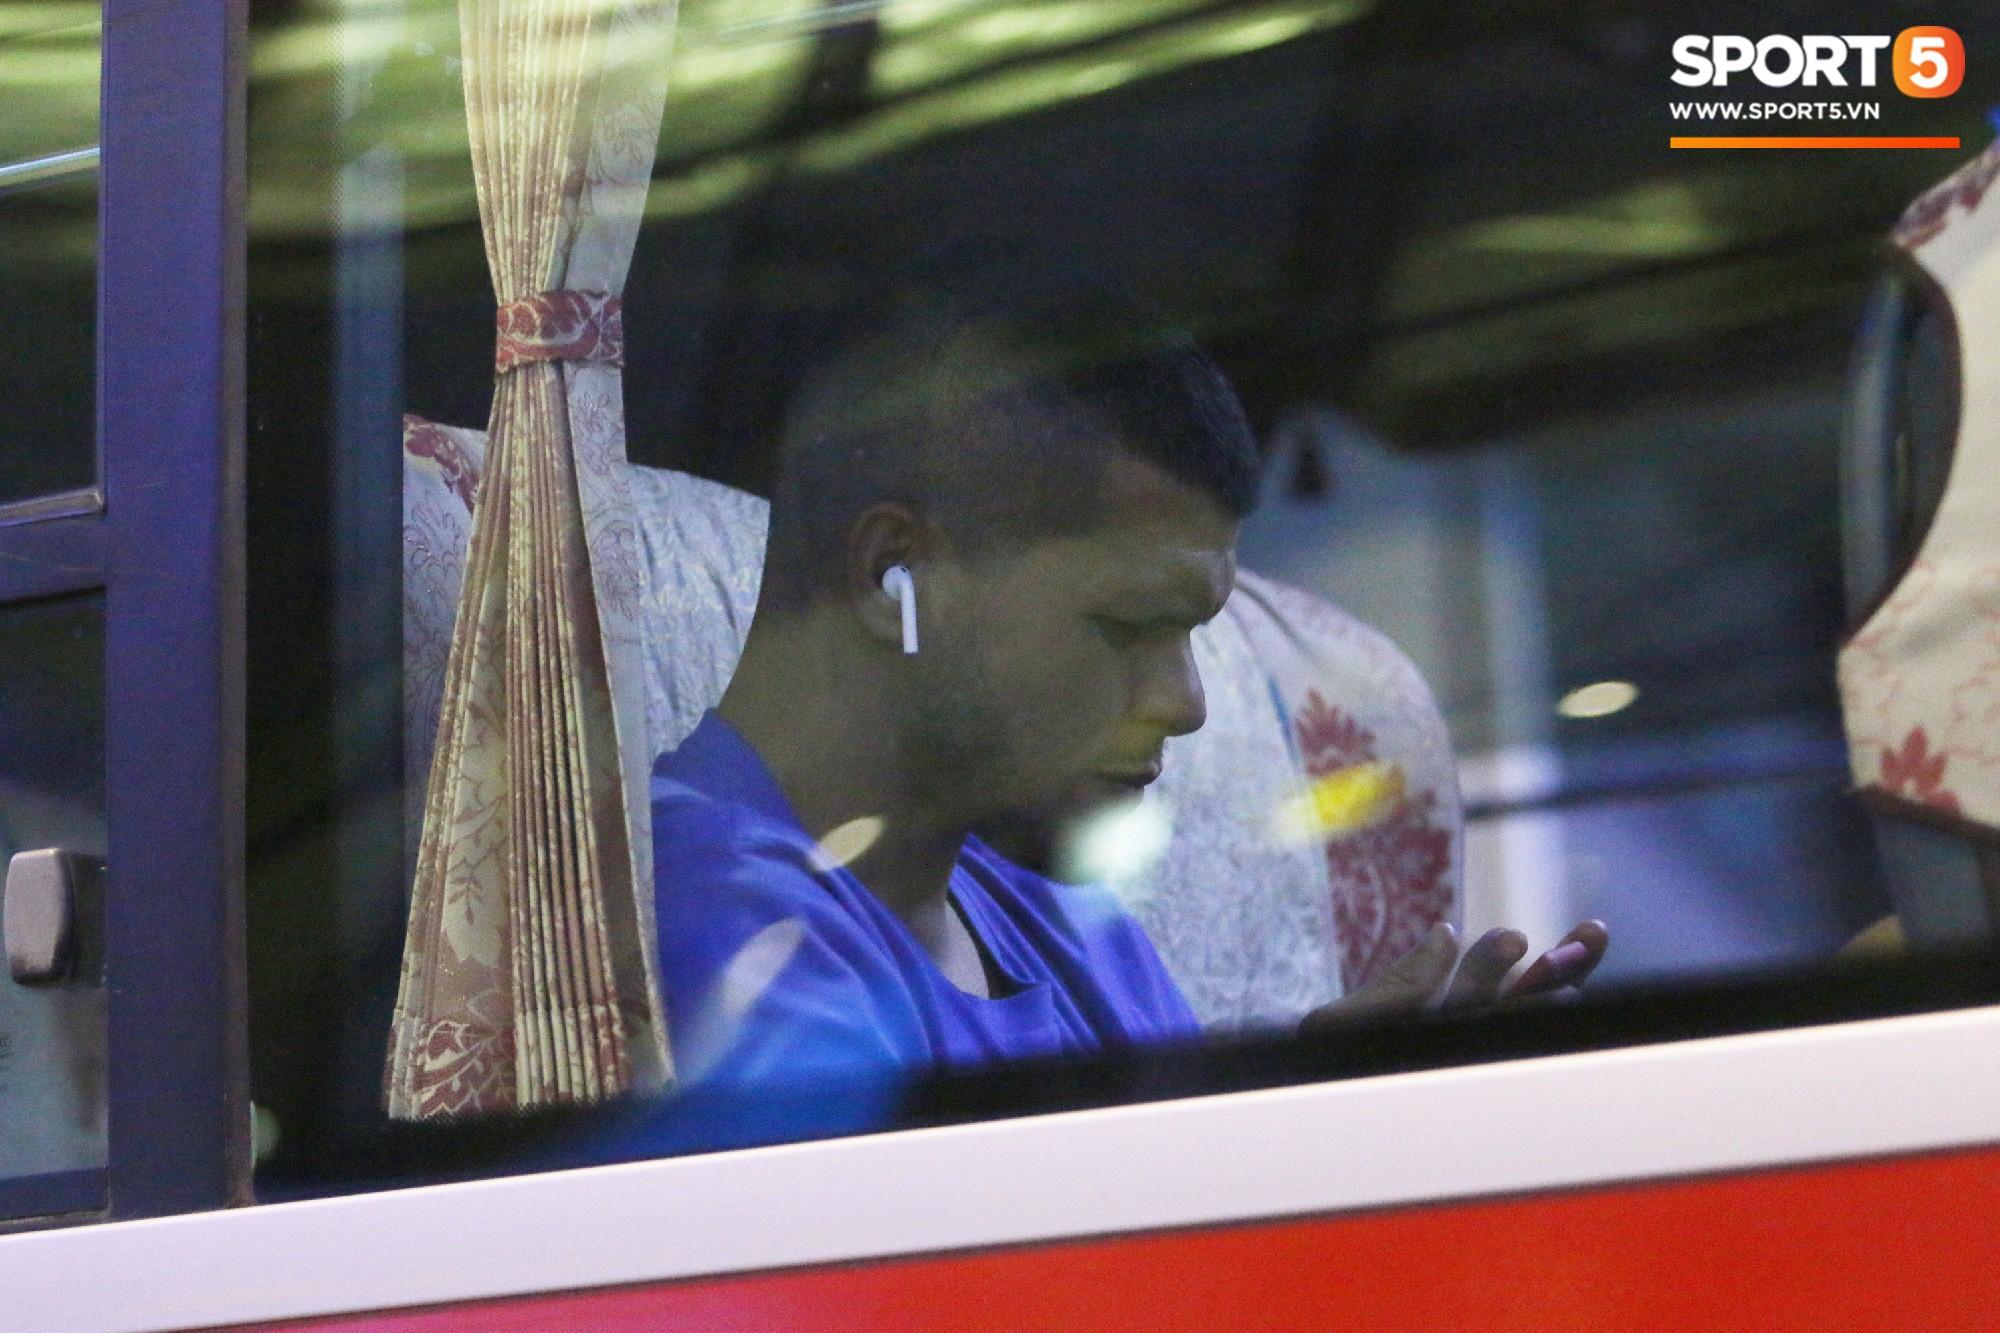 Cầu thủ Philippines thất lạc đồ ở sân bay, sau đó bị đồng đội bỏ rơi khi đặt chân tới Việt Nam - Ảnh 4.